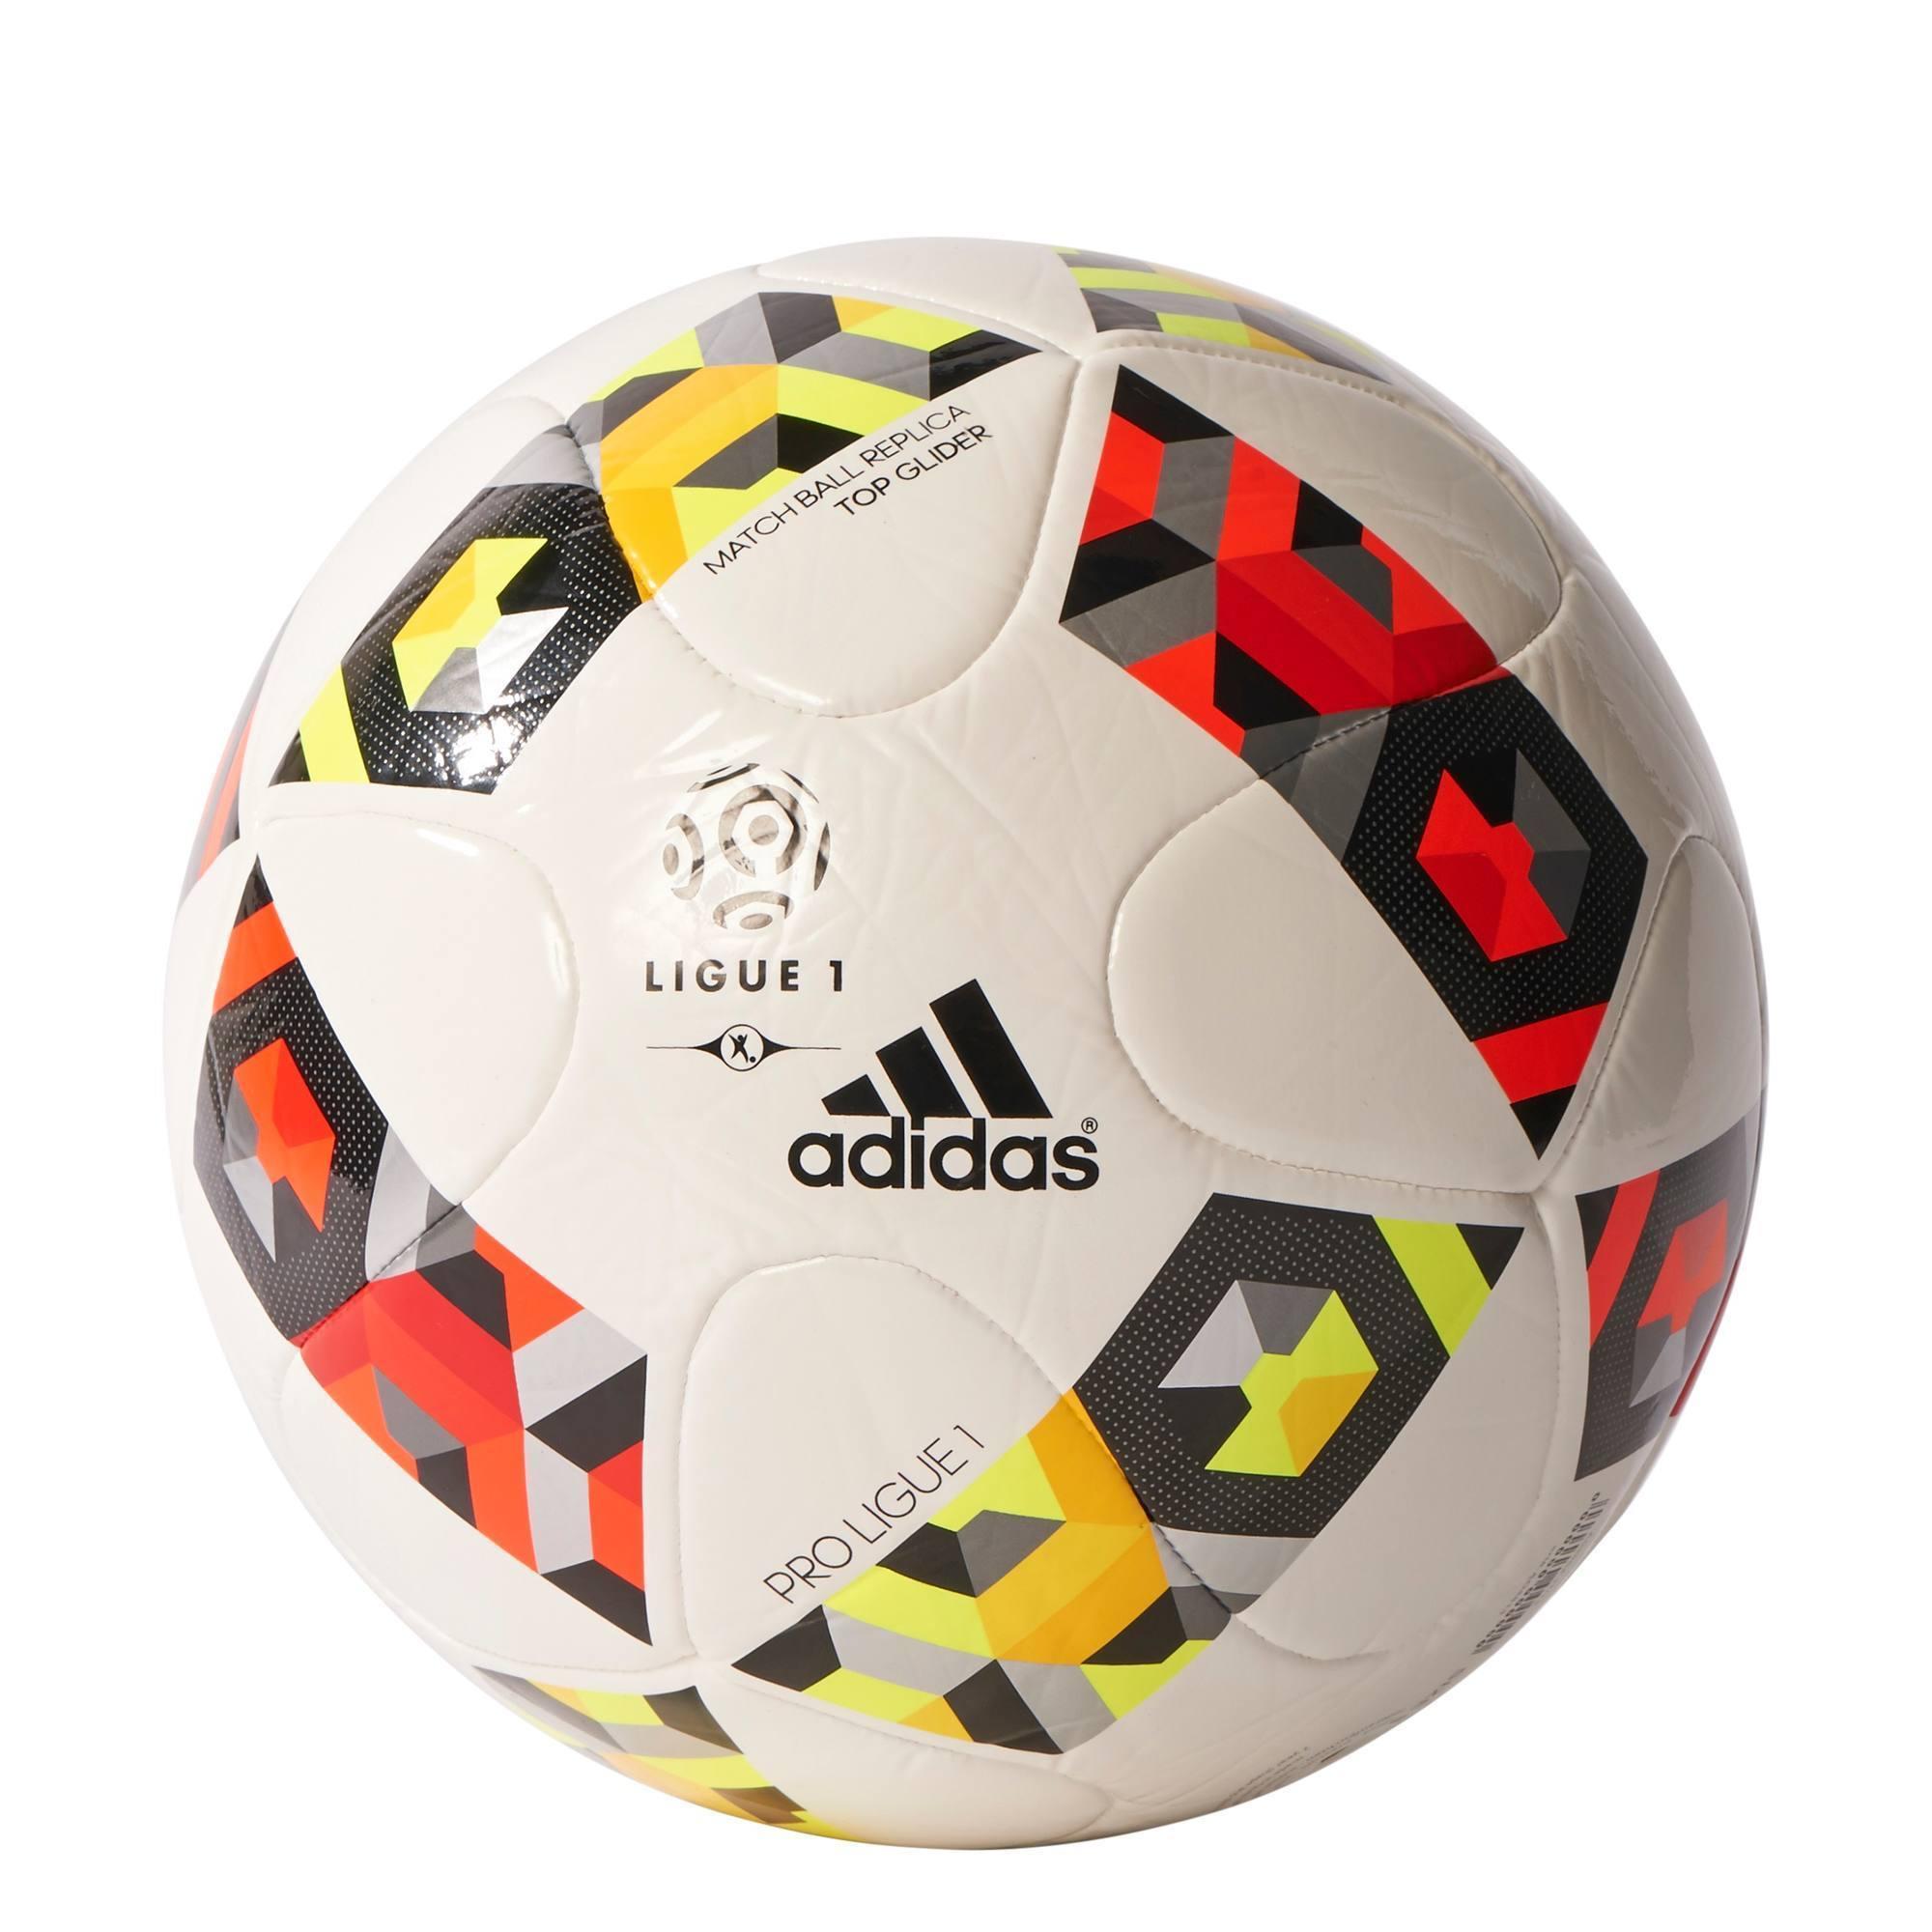 Ballon de football de la Ligue 1 pour la saison 2016-2017